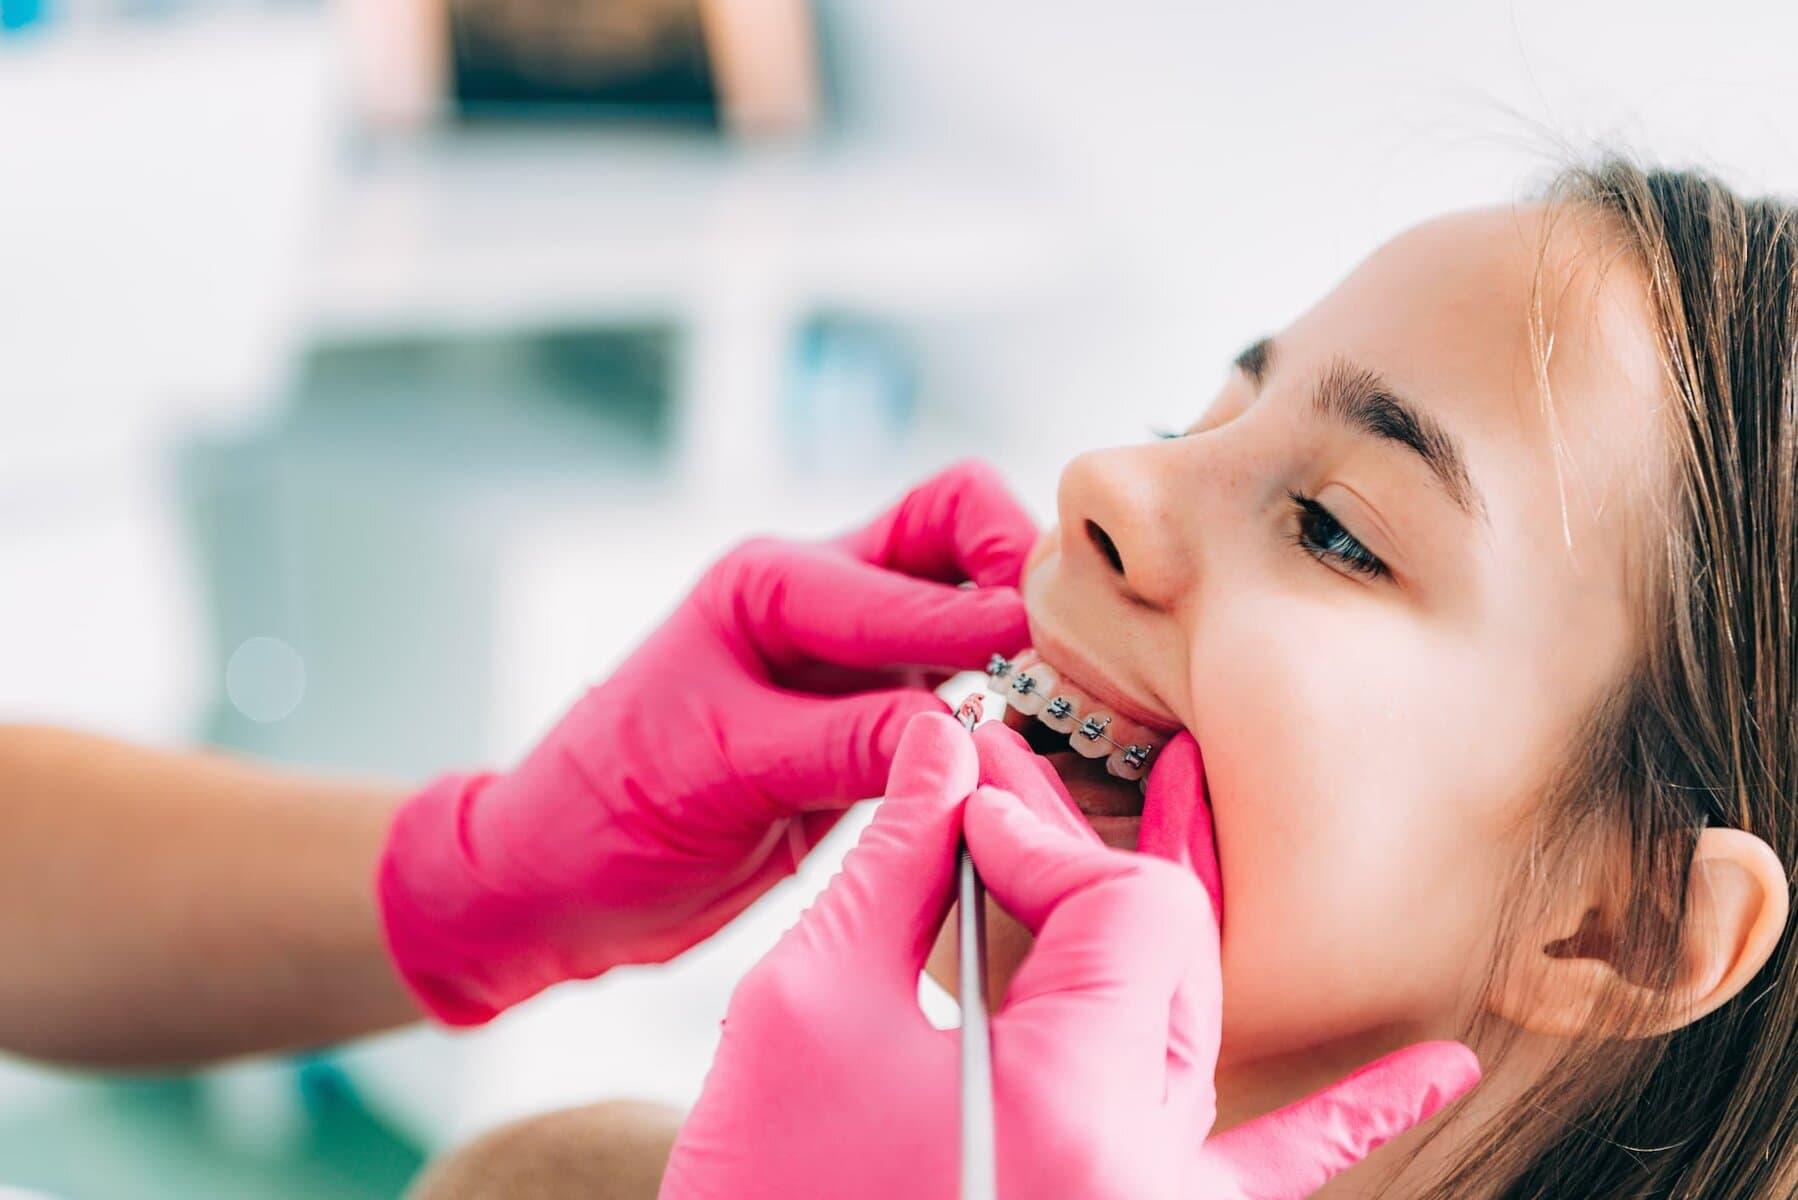 https://osemdental.com/wp-content/uploads/2021/01/Ortodontsko-lechenie-orthodontist-checking-girls-dental-braces-3VKJEWX.jpg